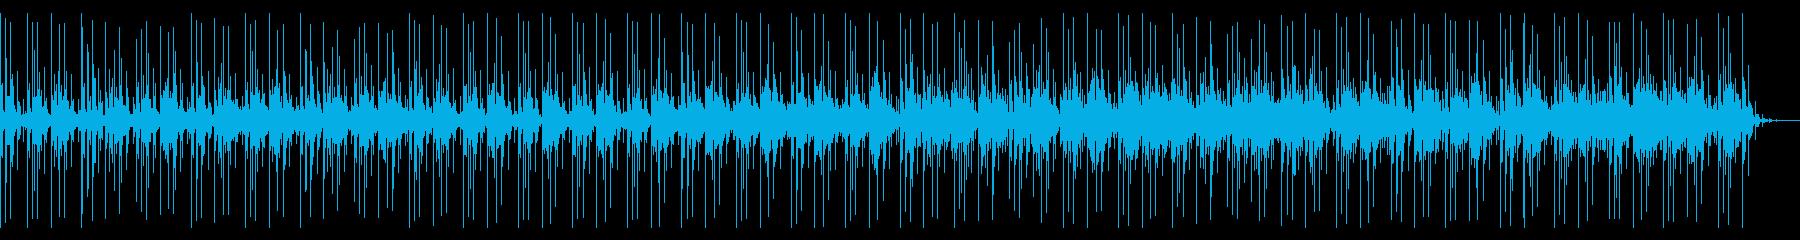 超シンプル!暗さと明るさを感じるBGMの再生済みの波形